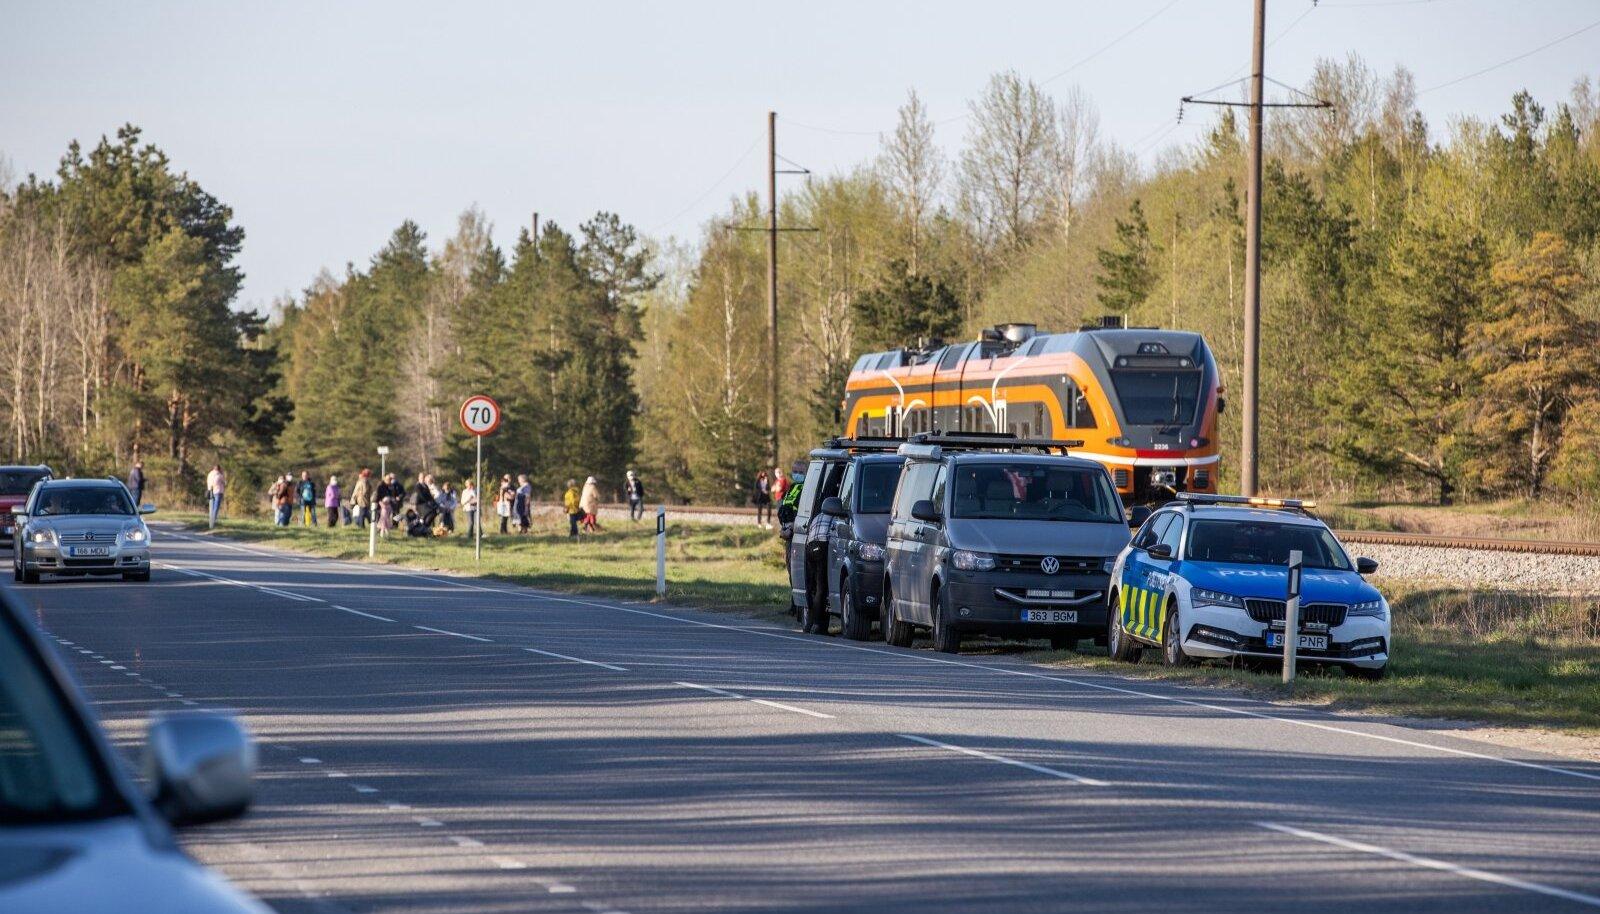 Rongiõnnetus Männiukul. Pilt on illustreeriv.